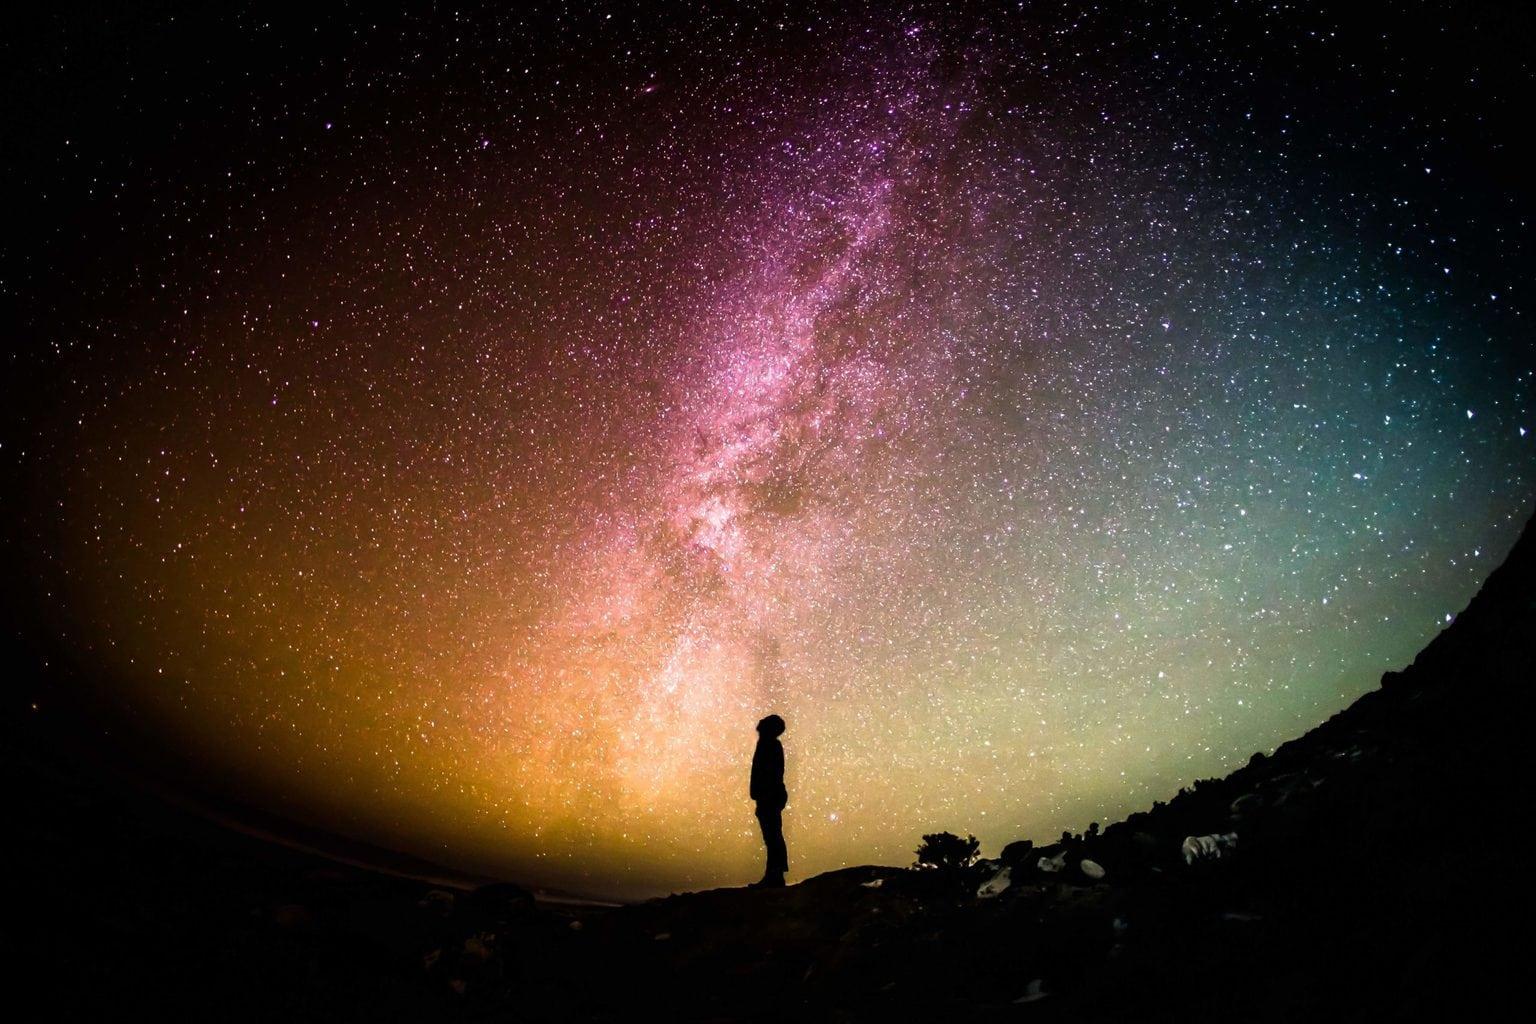 silueta de persona con cielo estrellado de fondo